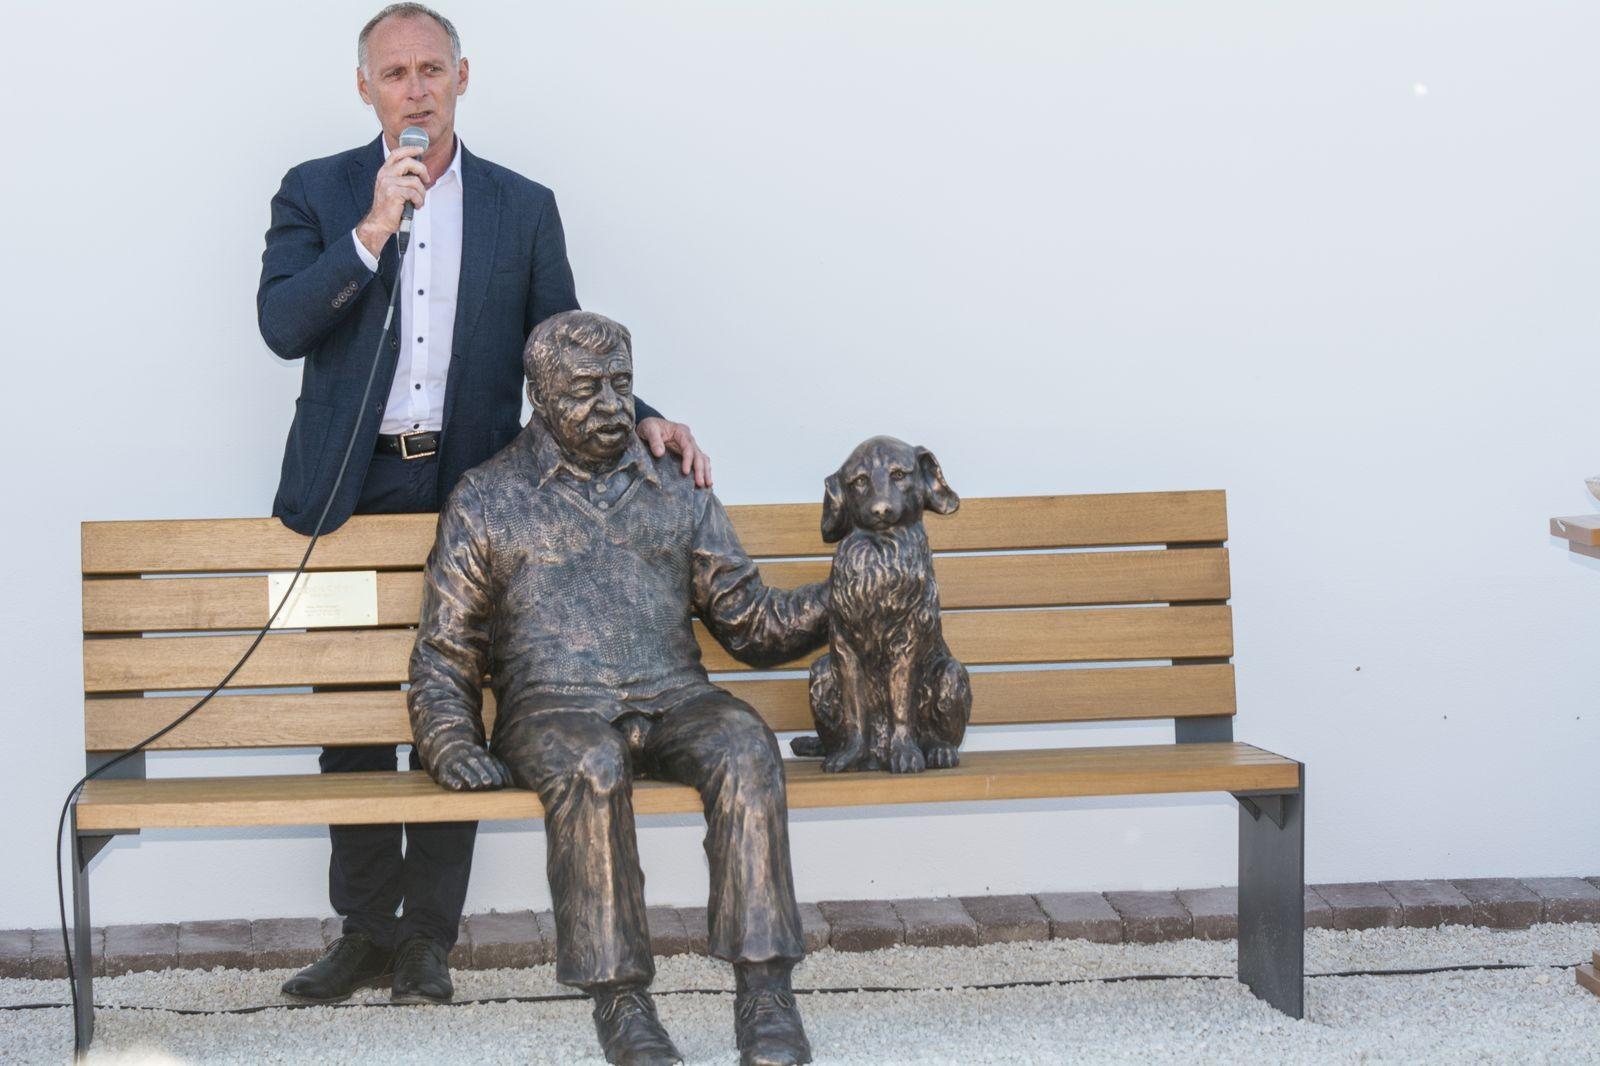 Egészalakos szobrot kapott egy dabasi holokauszt túlélő